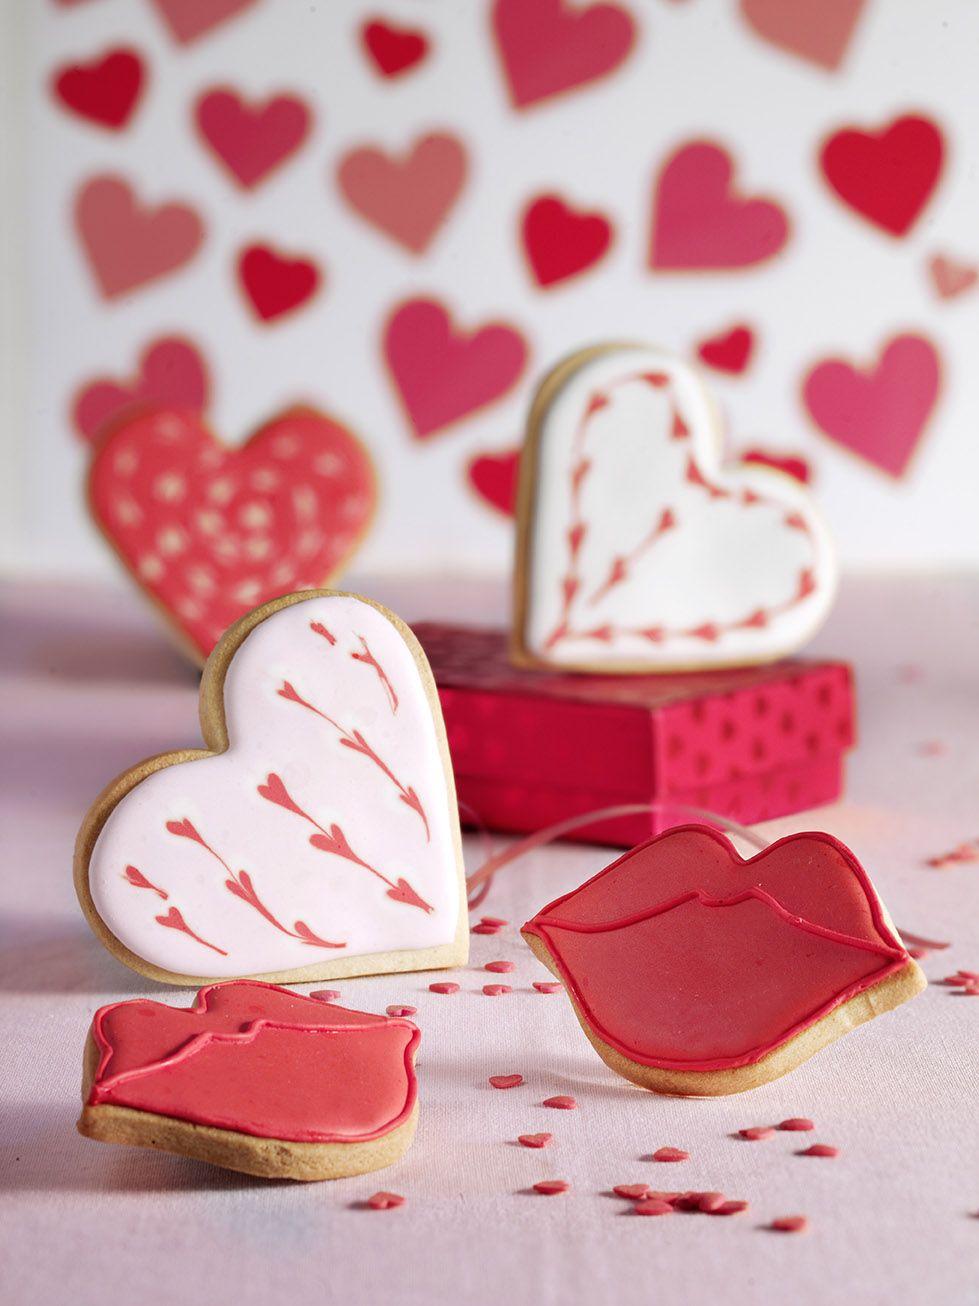 Icing koekjes valentijn hart